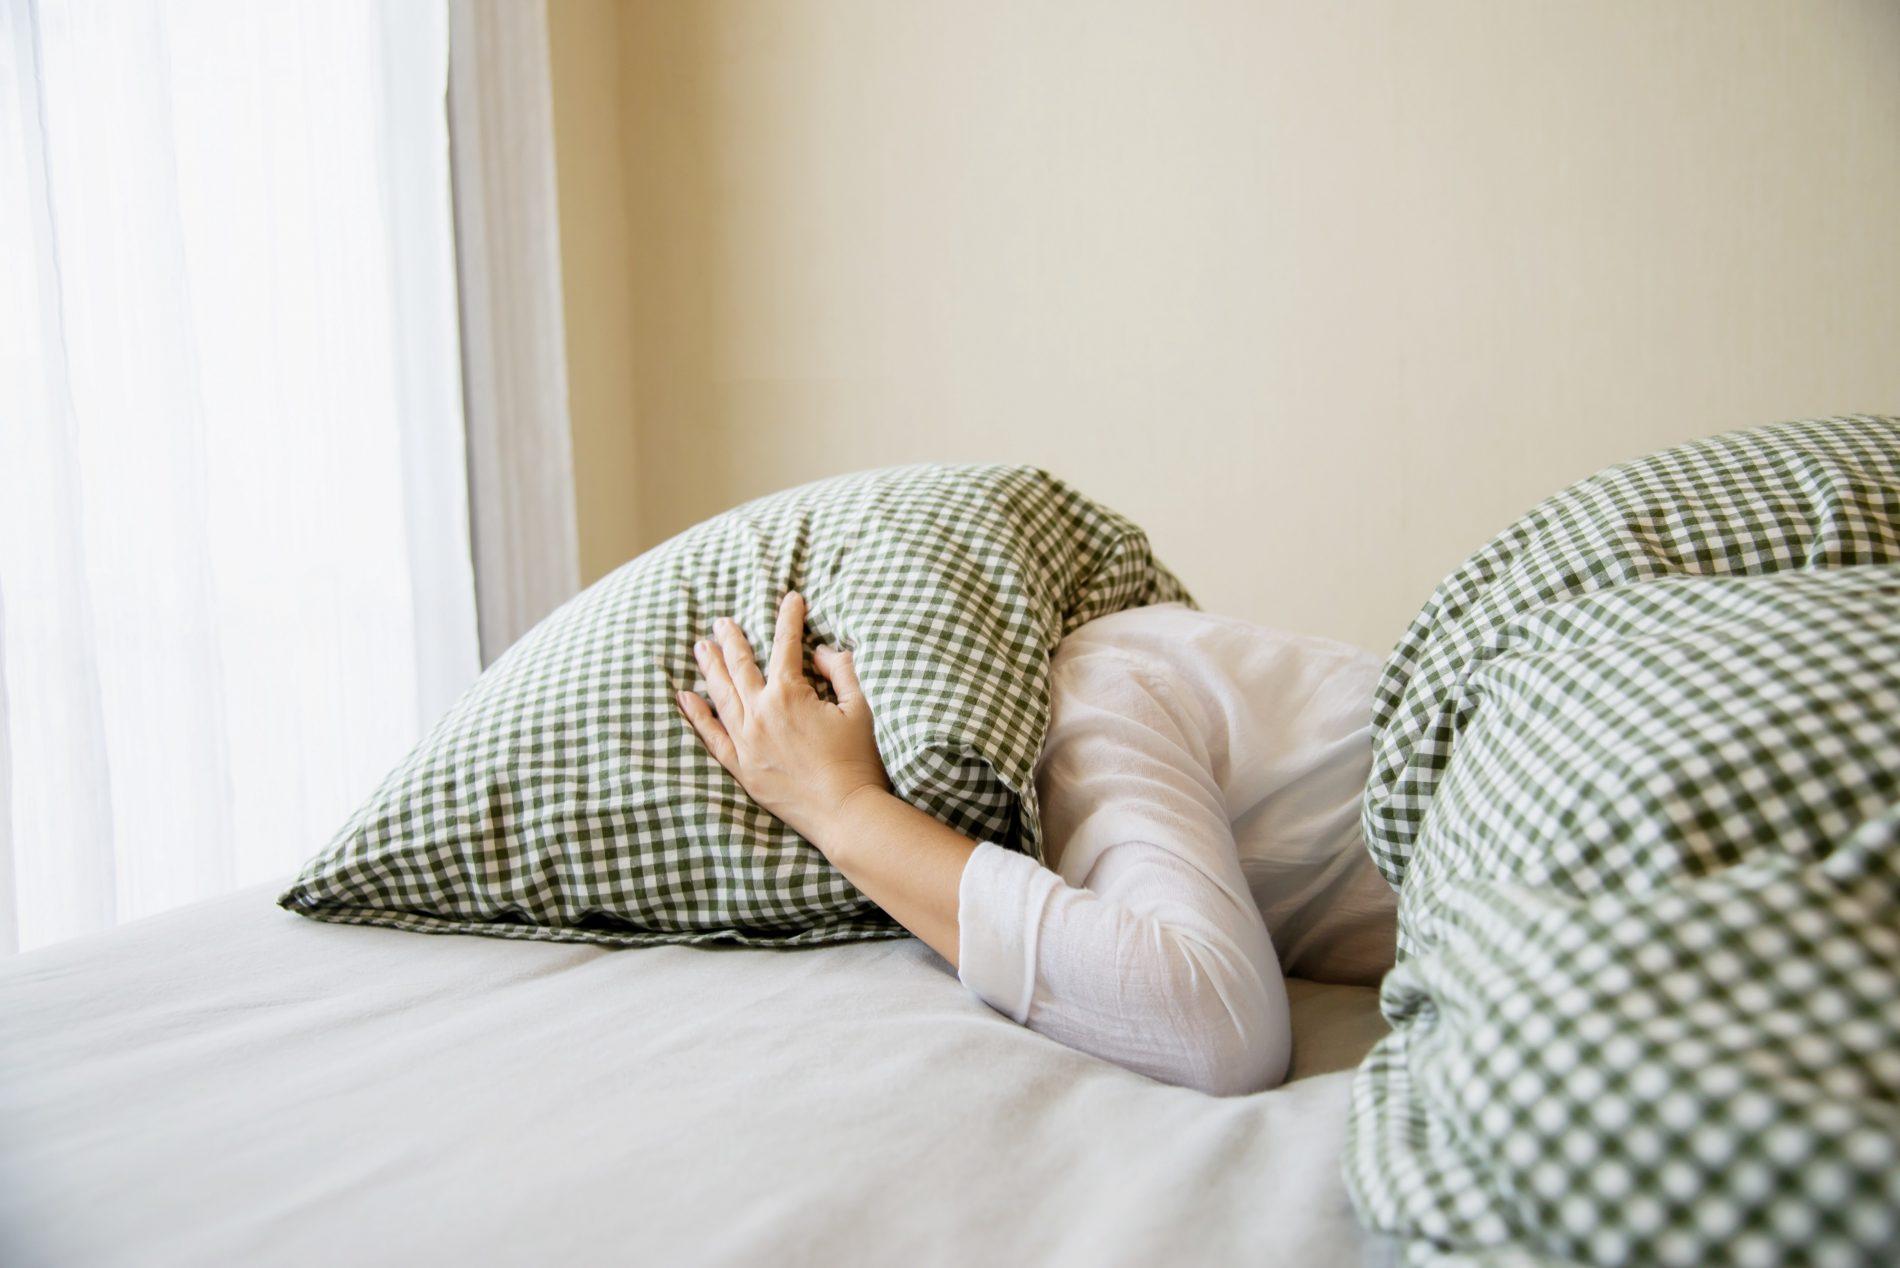 Dormir pouco afeta a vida espiritual?